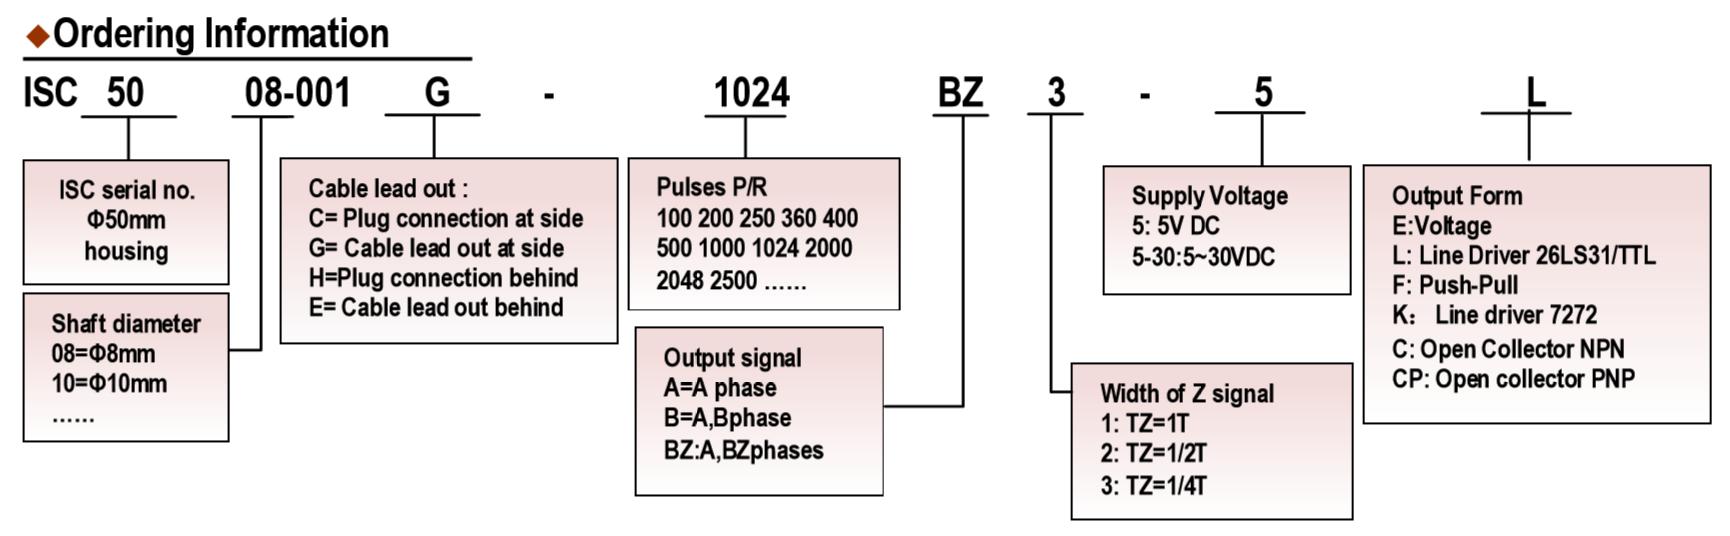 9(OXPR(12)B0HWW$W{Y45B9.png